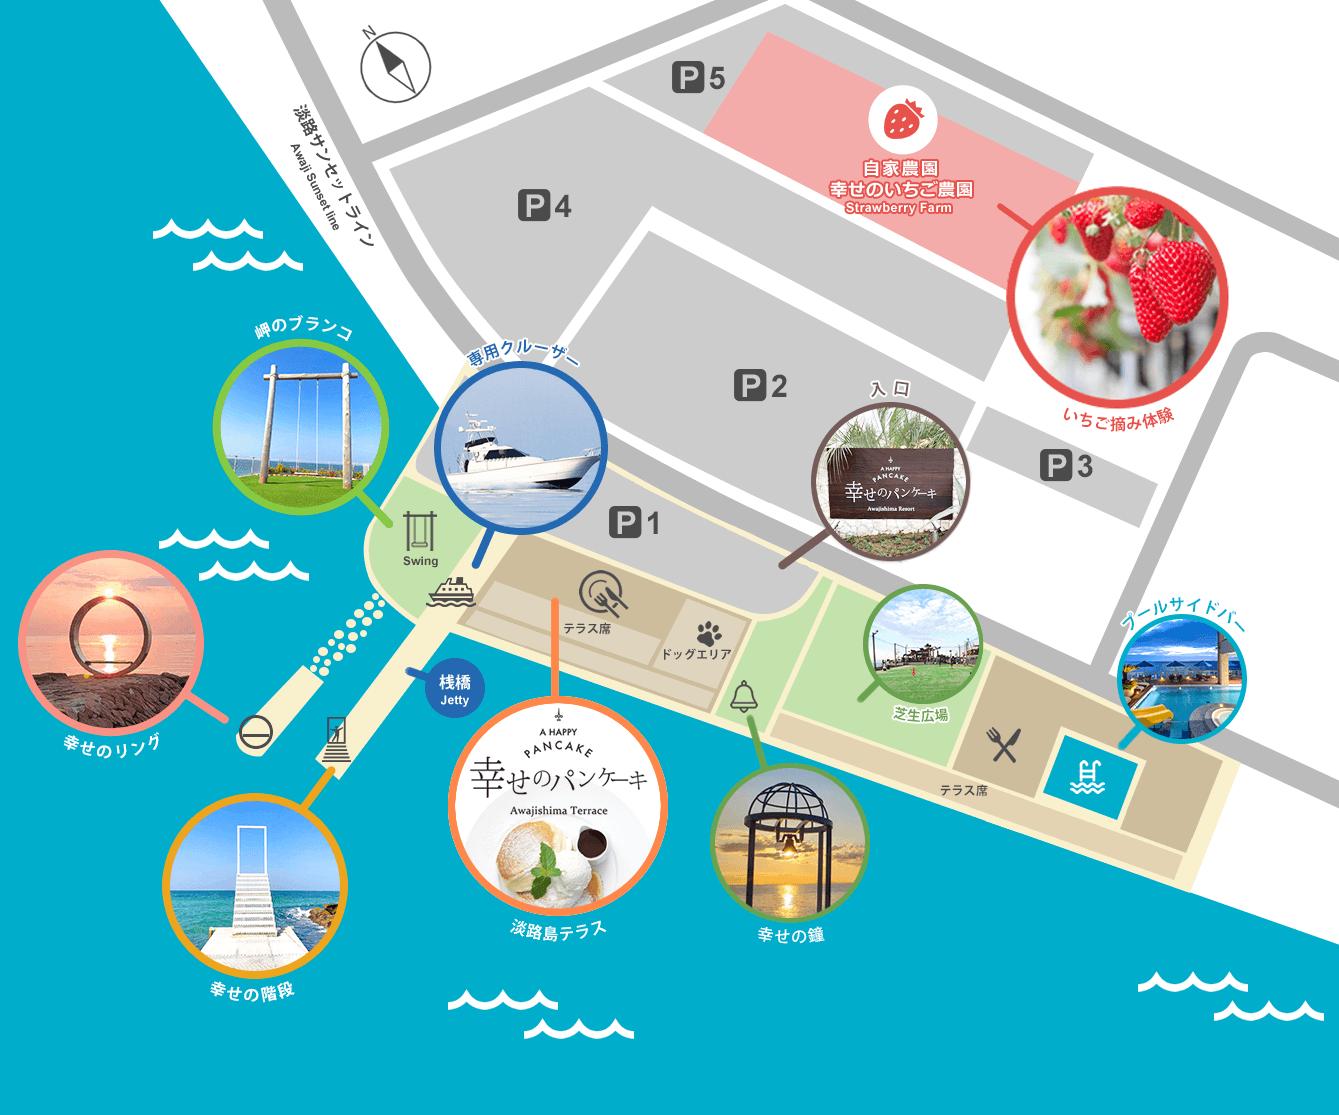 淡路島リゾート施設案内